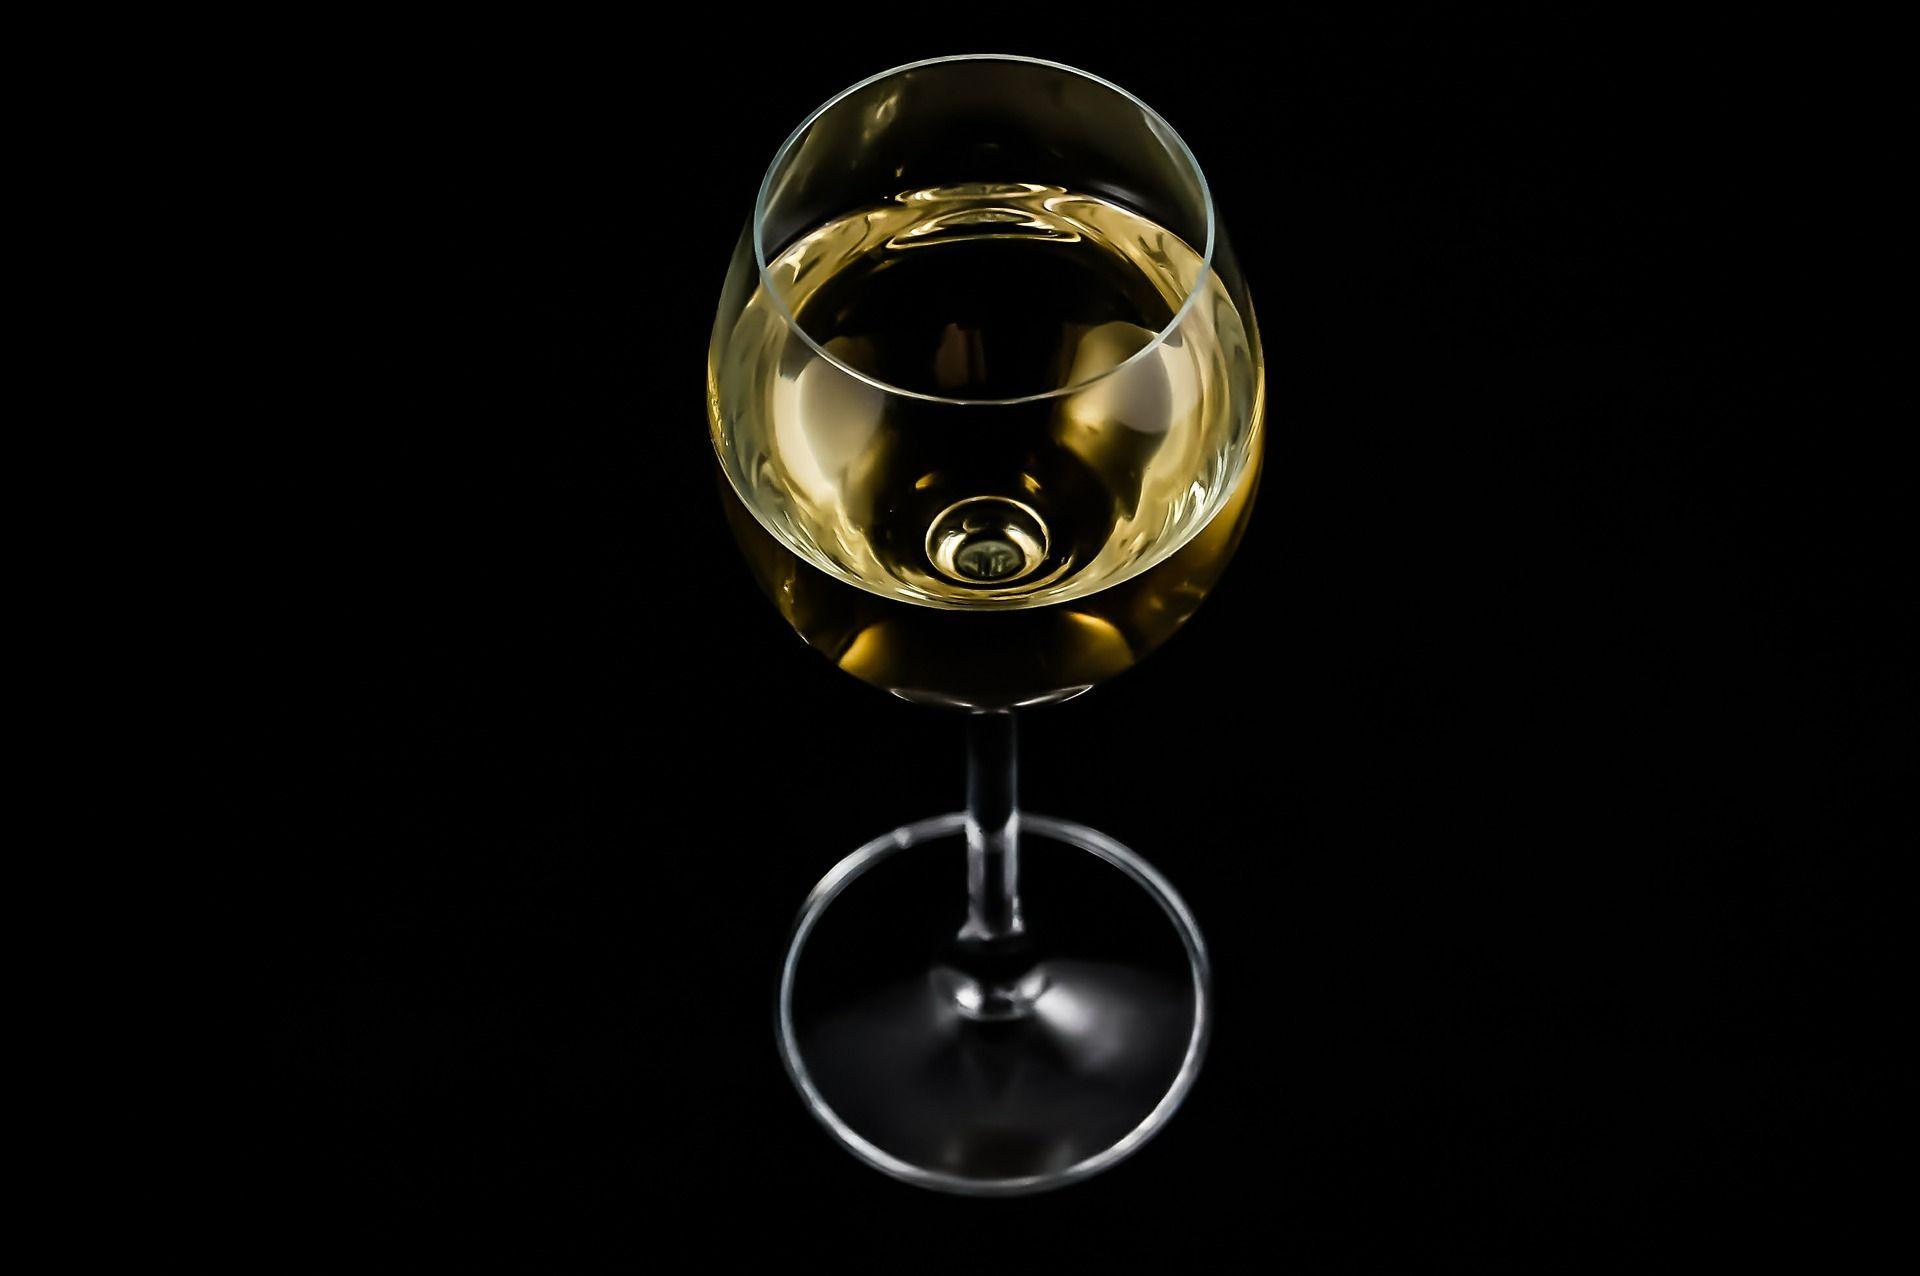 Combien de calories compte-t-on dans un verre de vin ?